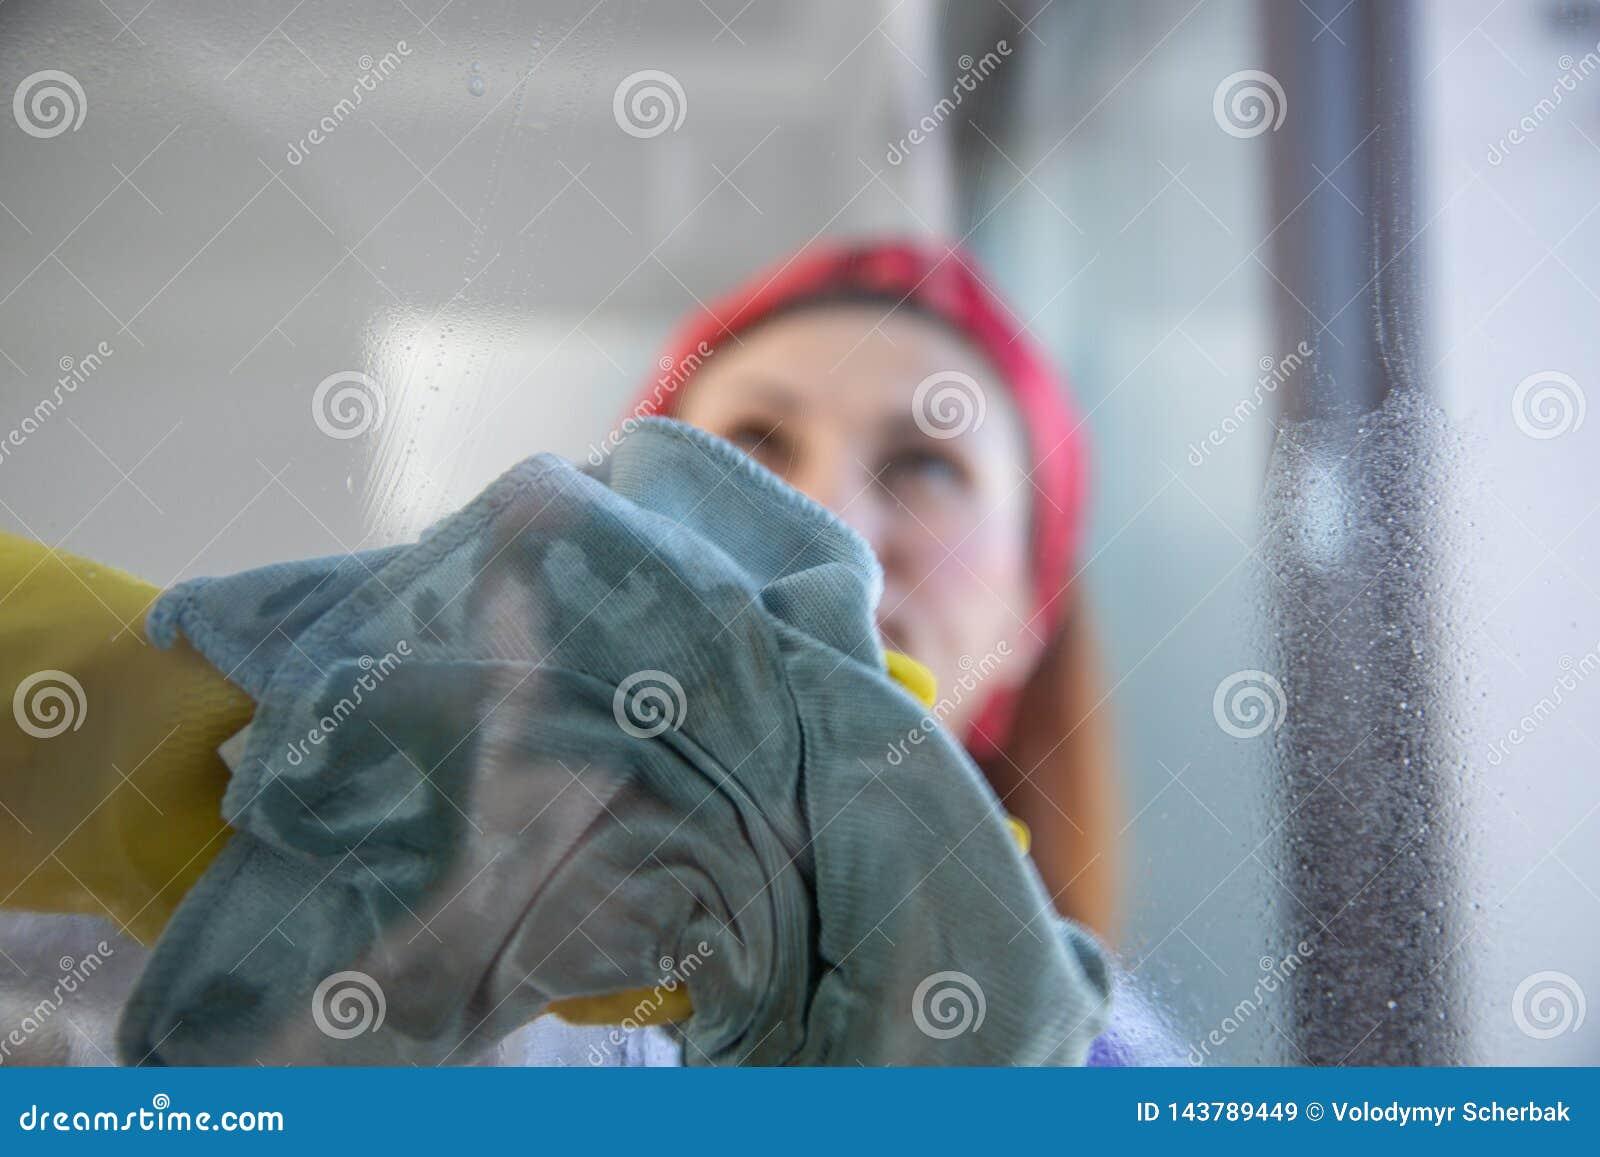 Vrouw die huishoudelijk werk doet Huisvrouw Portrait While Cleaning Foto door het glas